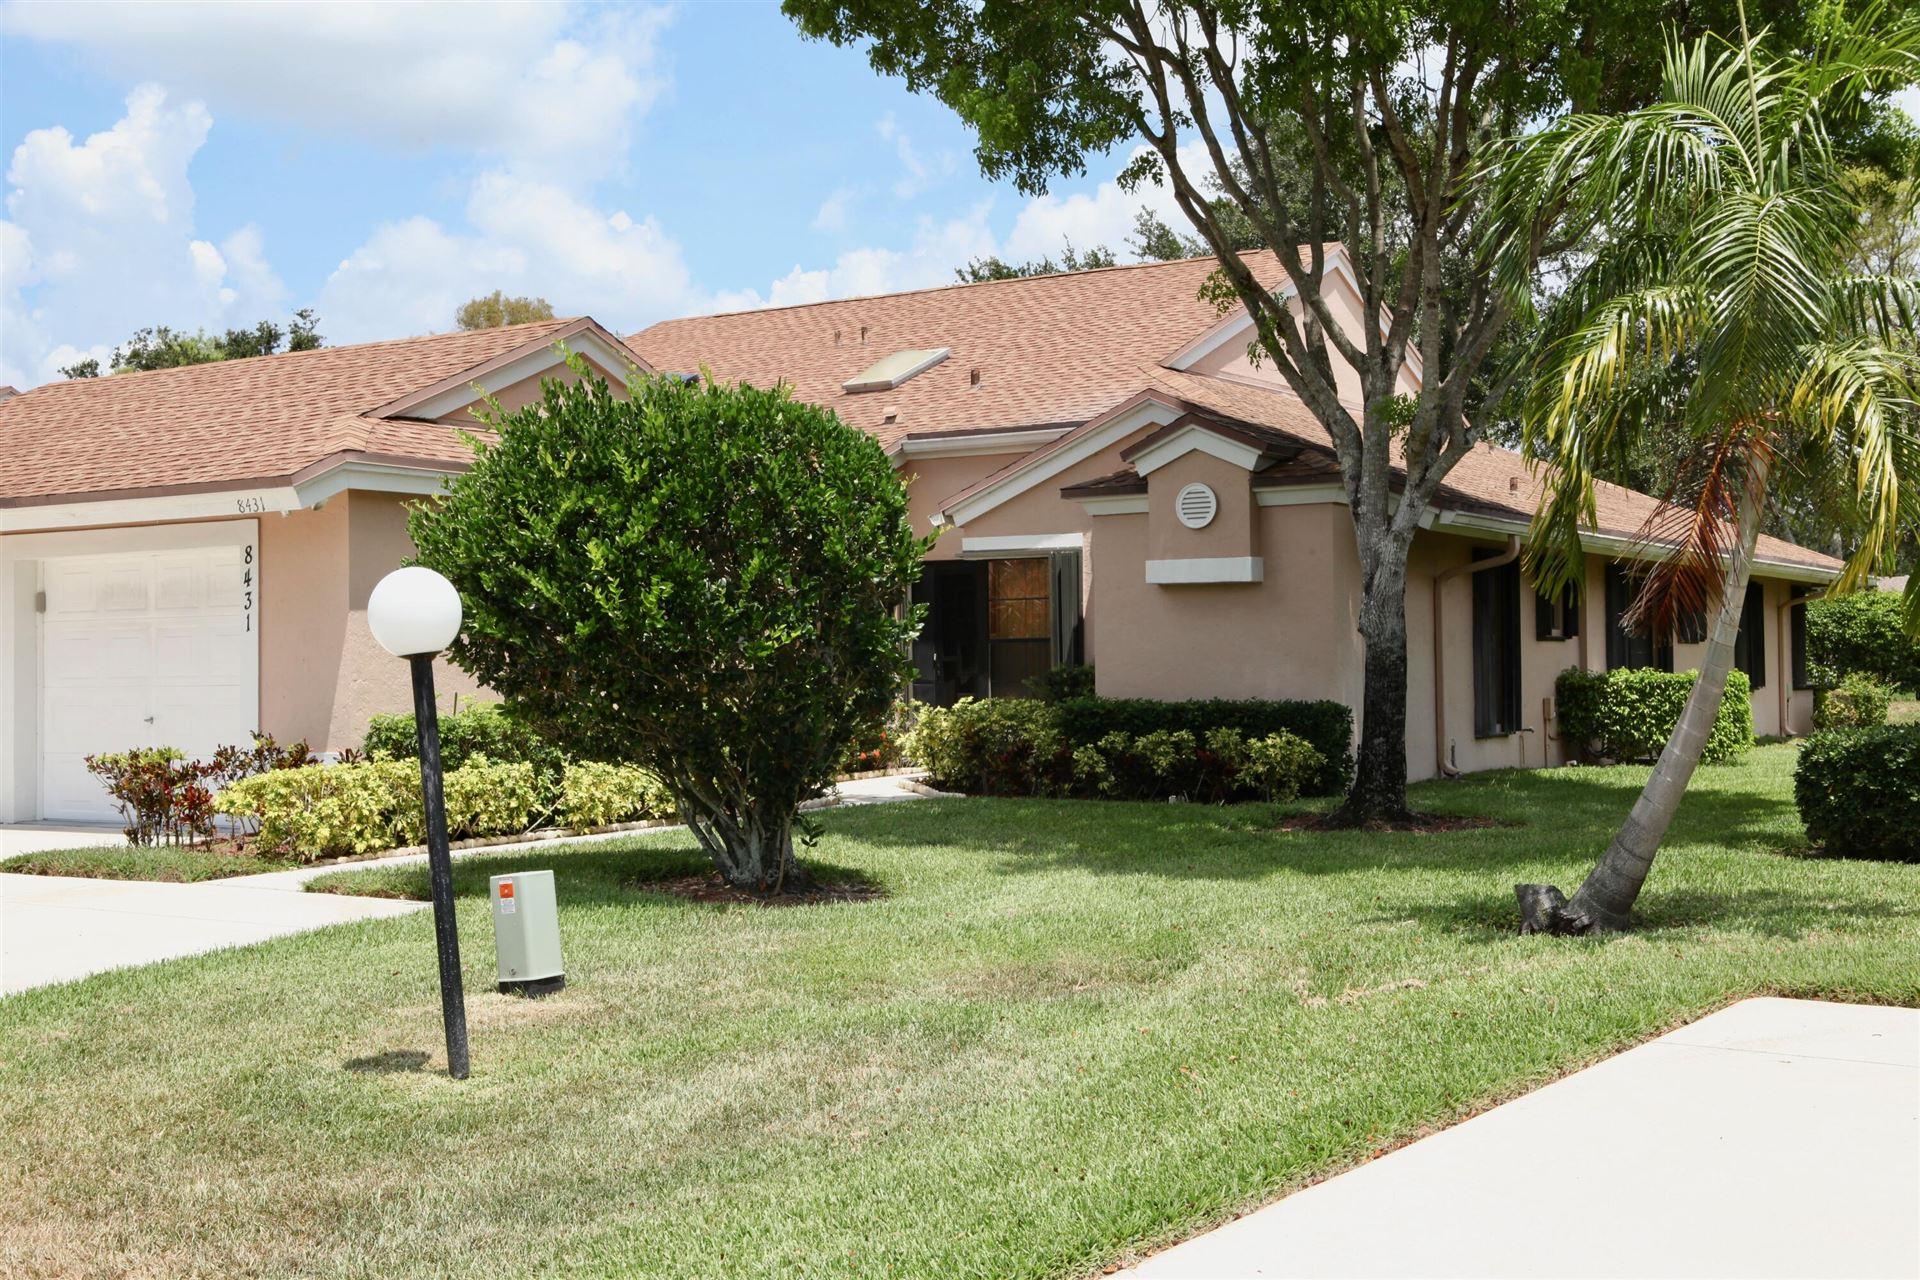 8431 Springlake Drive, Boca Raton, FL 33496 - MLS#: RX-10714434